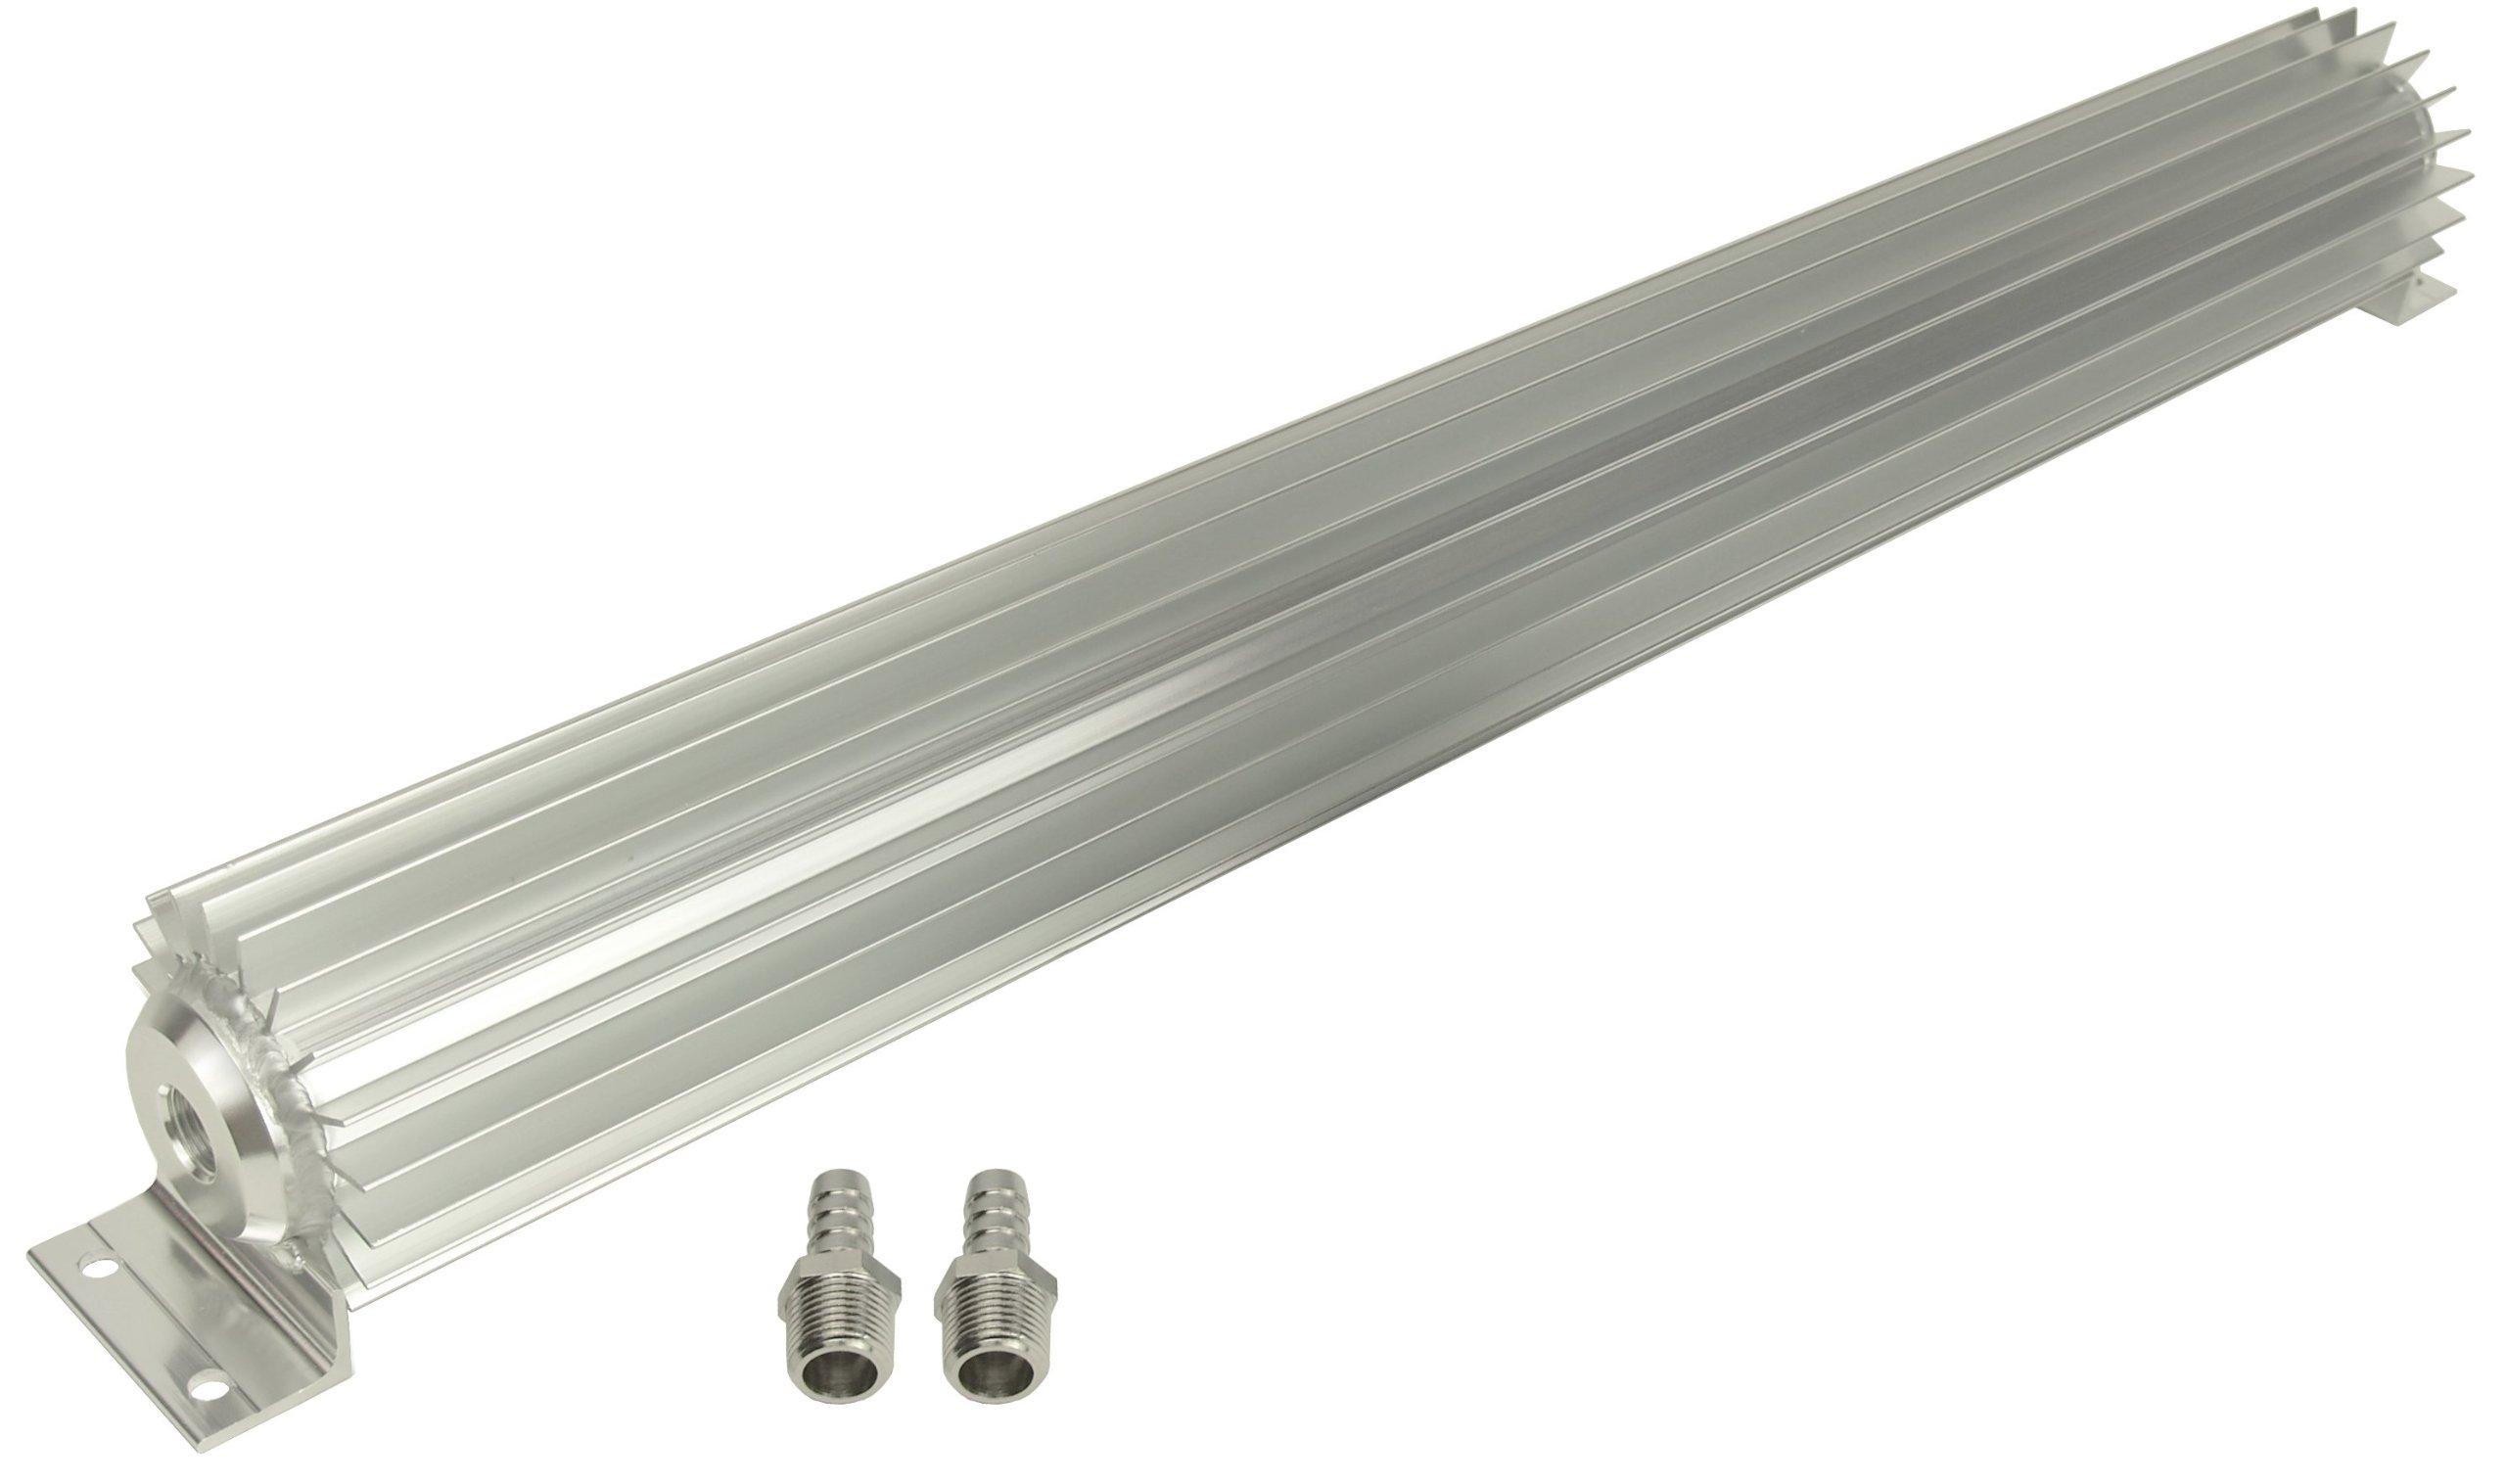 Derale 13257 Single Pass Aluminum Heat Sink Cooler